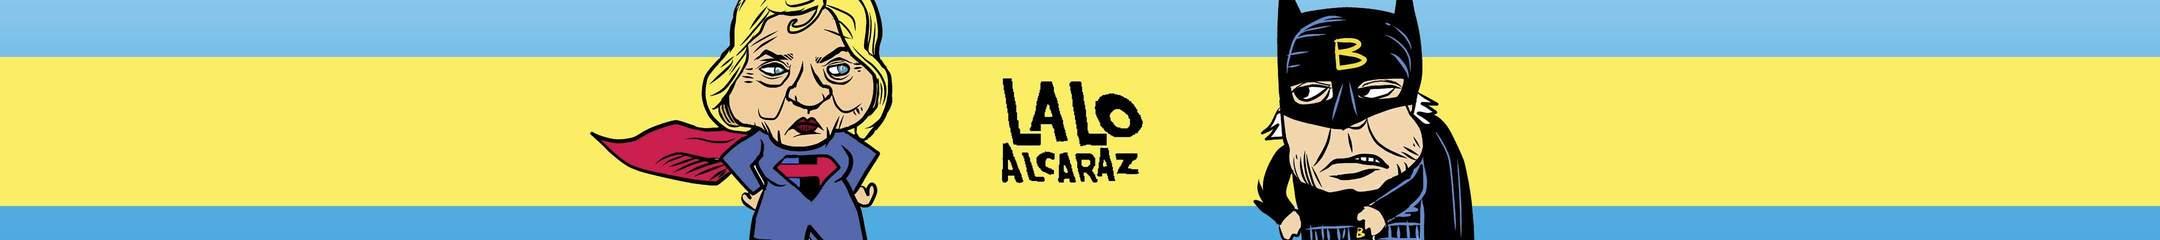 Lalo Alcaraz en Español